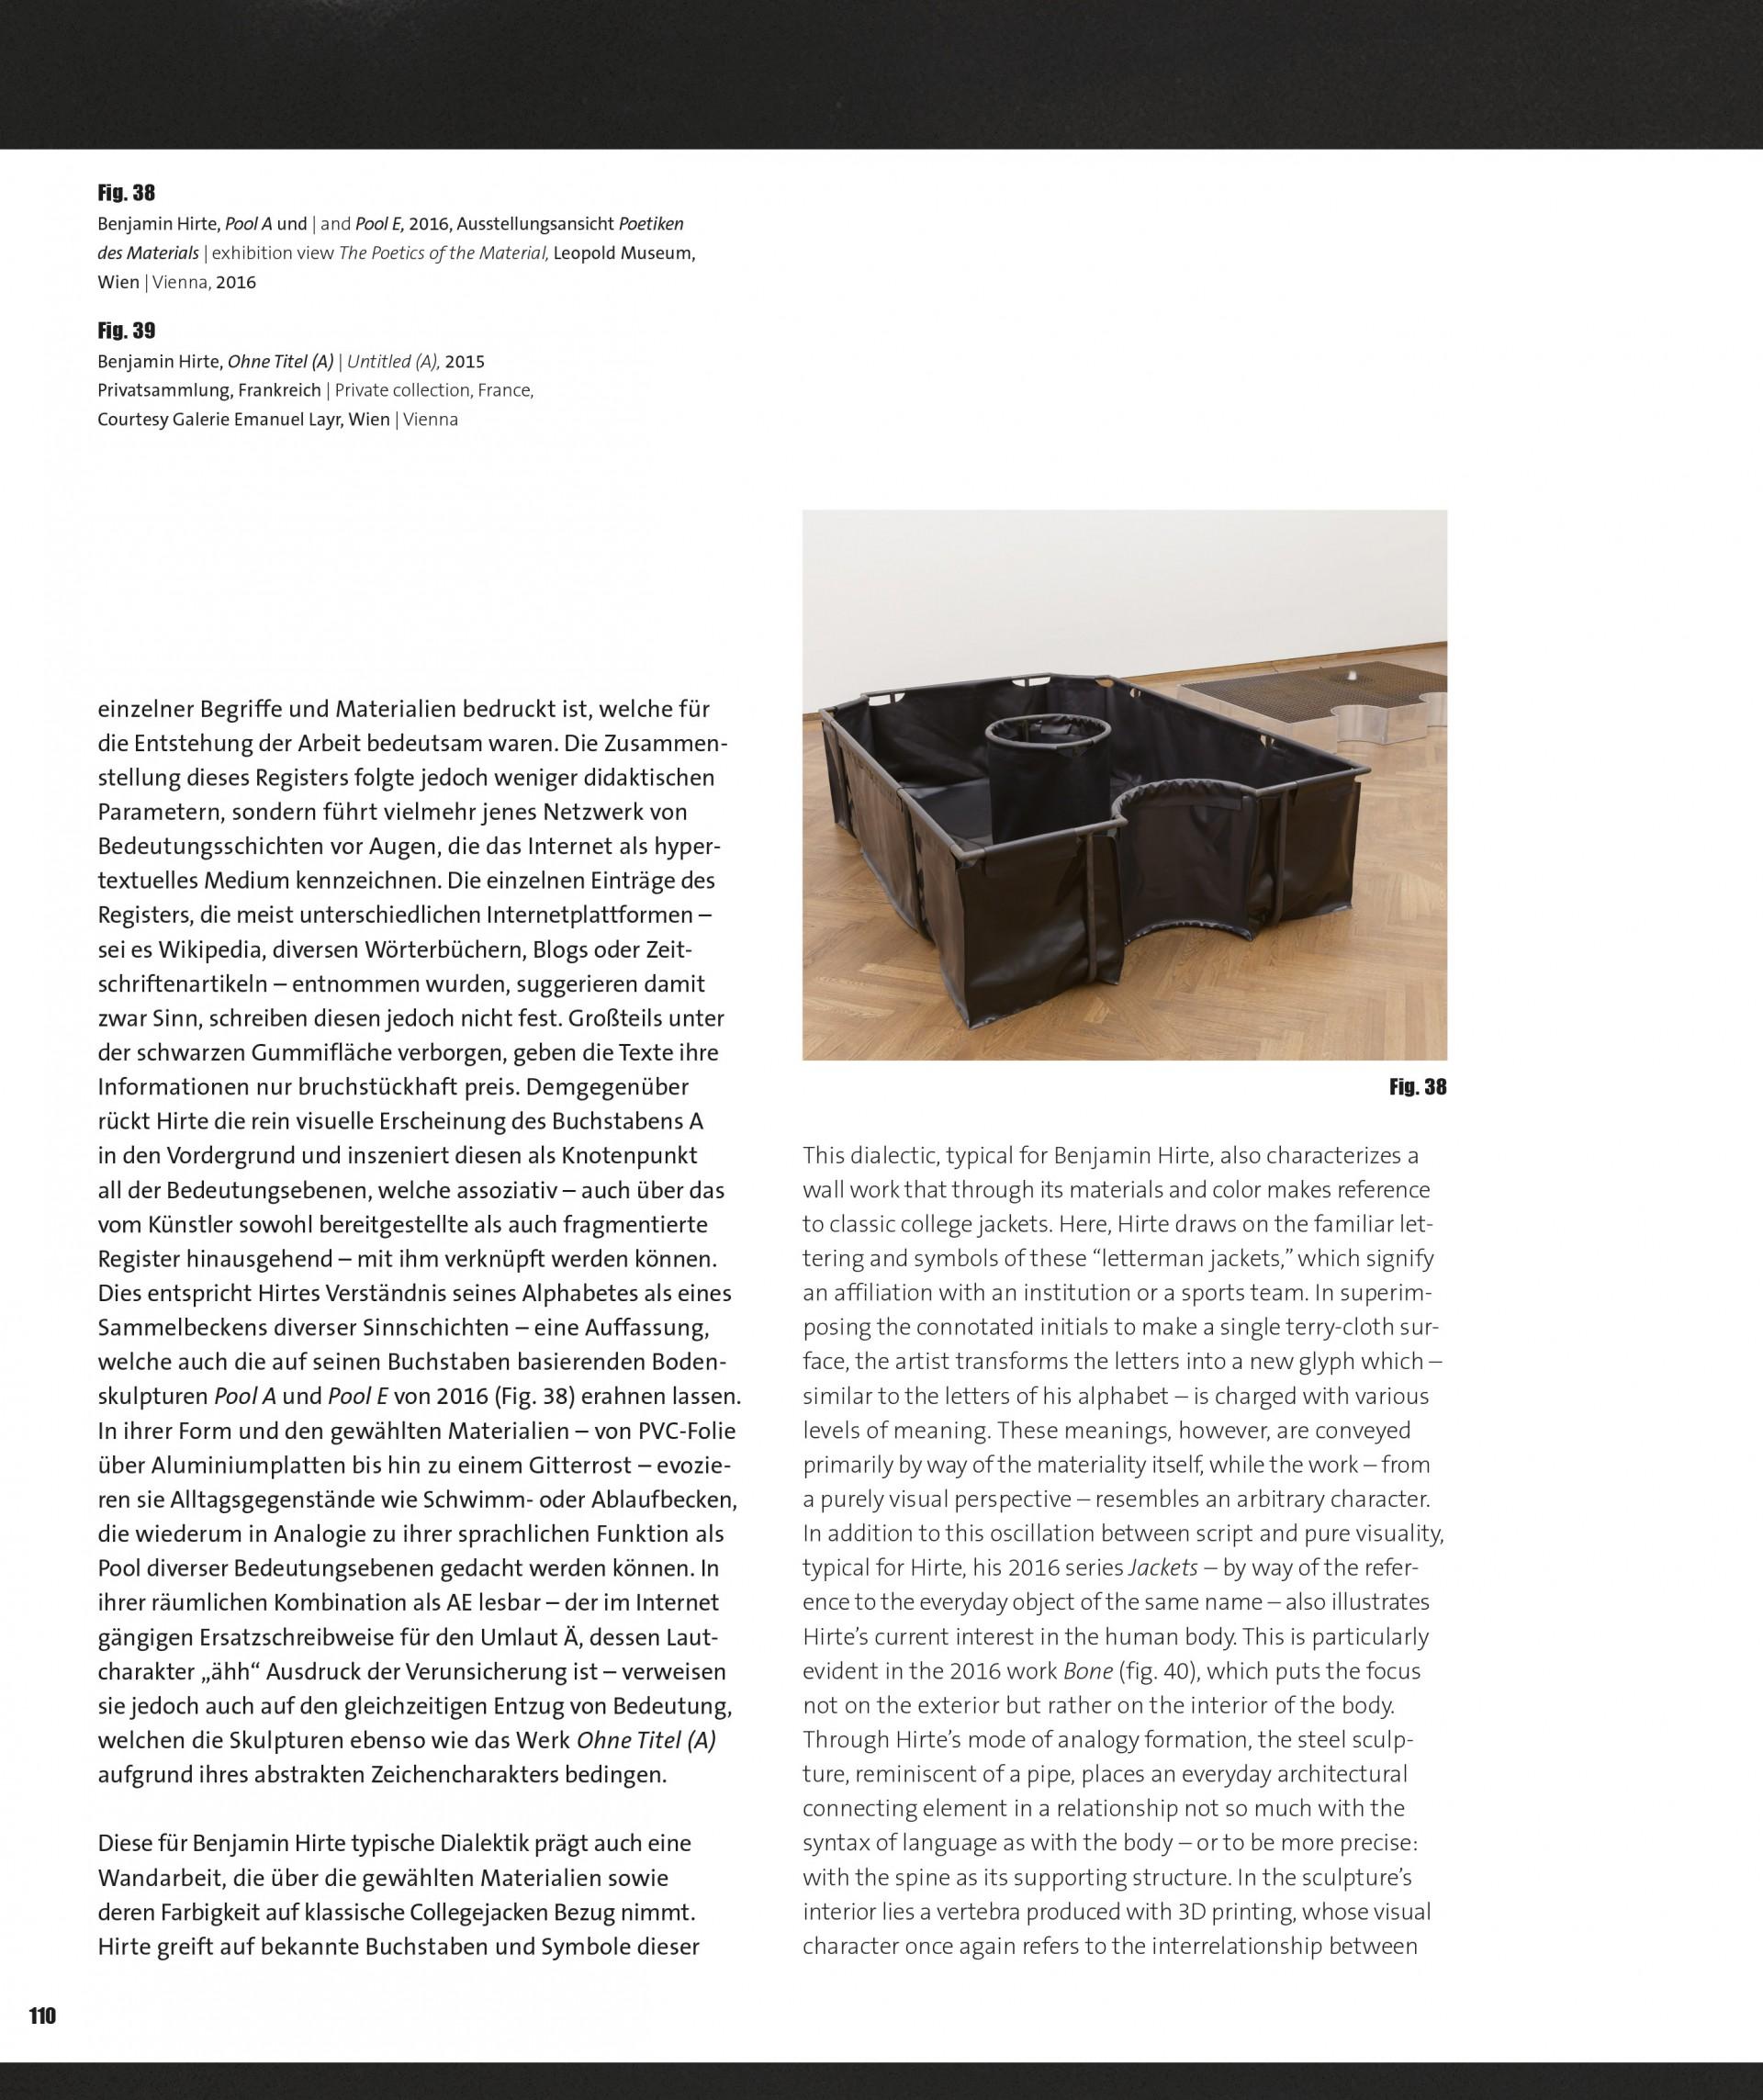 benjamin hirte Leopold Museum Catalogue Contribution